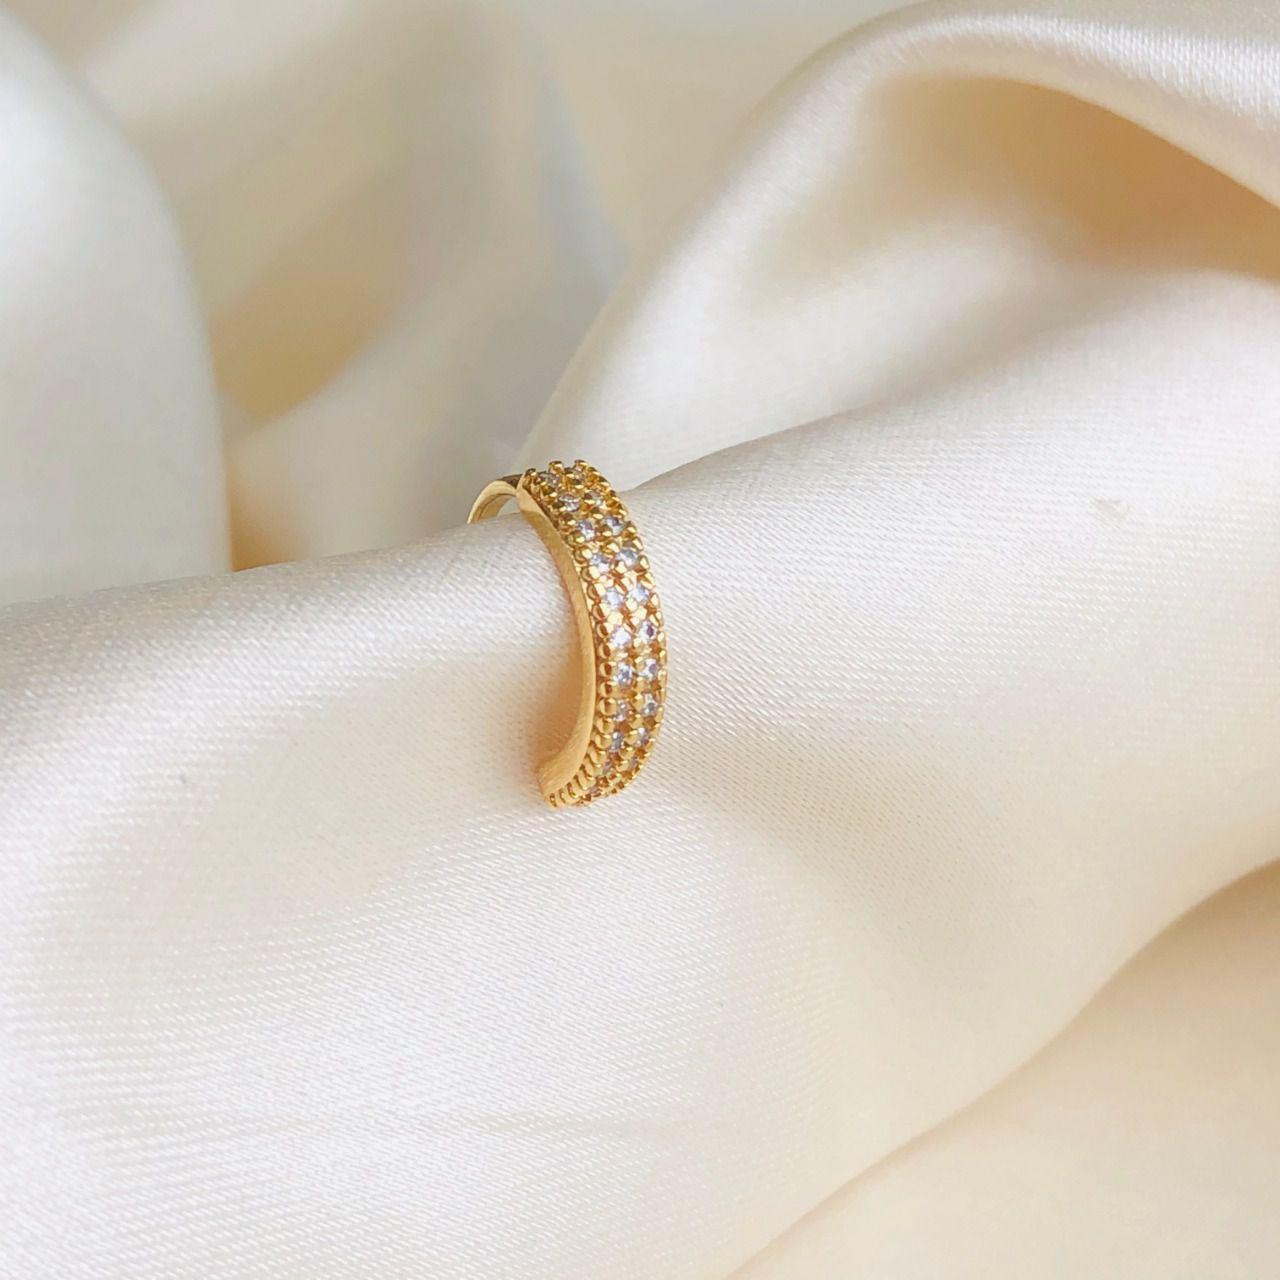 Piercing de Pressão Cravejado Duplo Cristal Banhado em Ouro 18k